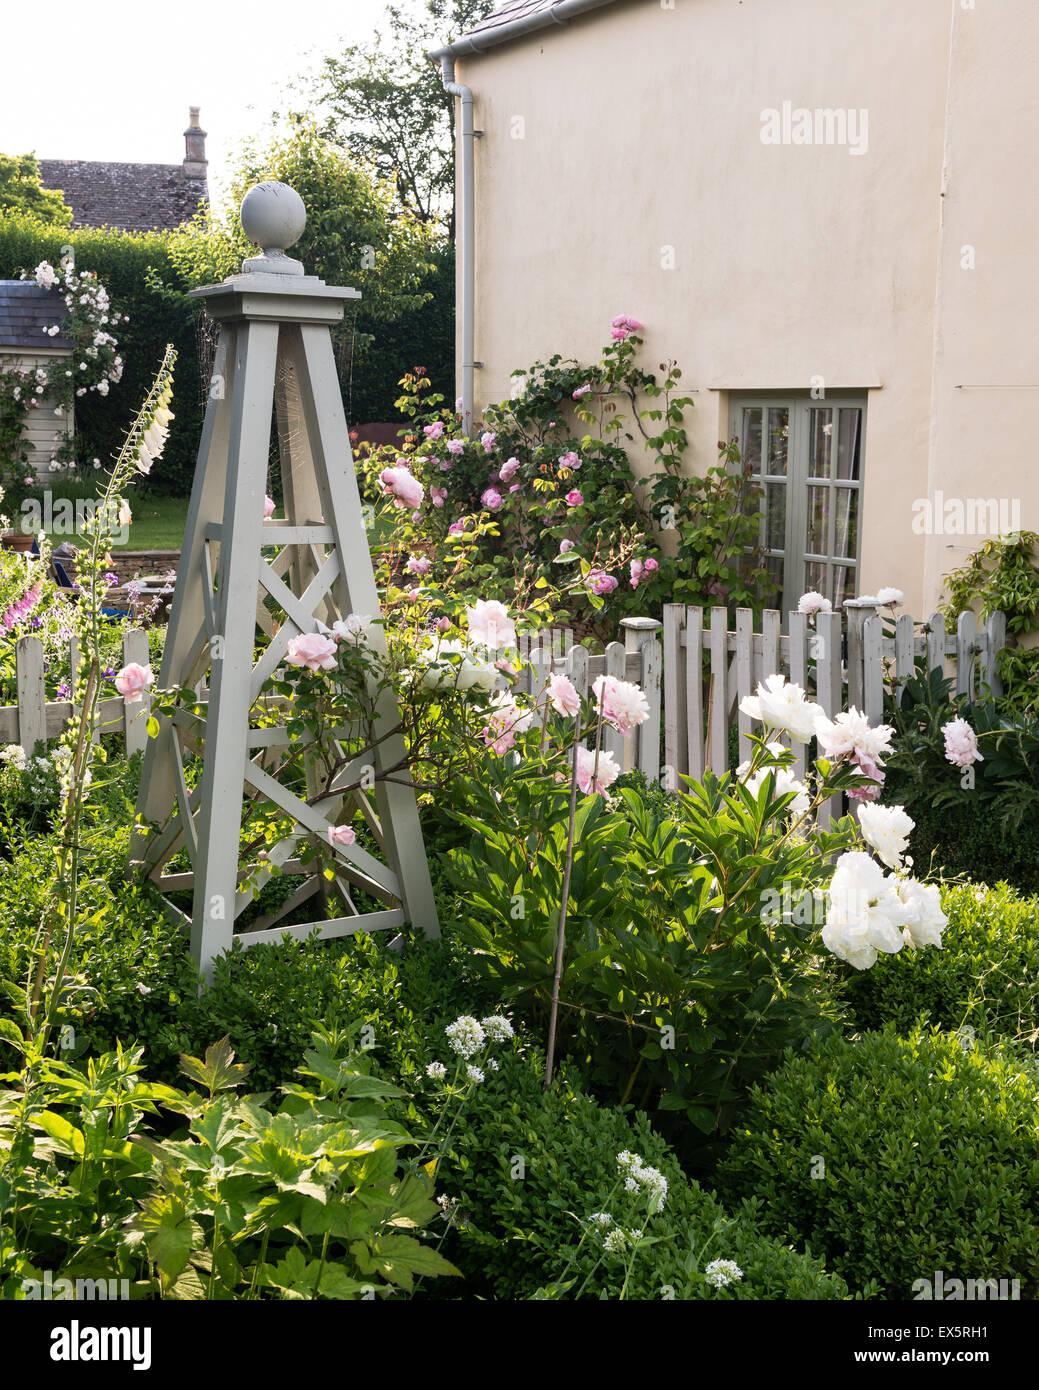 hedge roses stockfotos hedge roses bilder alamy. Black Bedroom Furniture Sets. Home Design Ideas